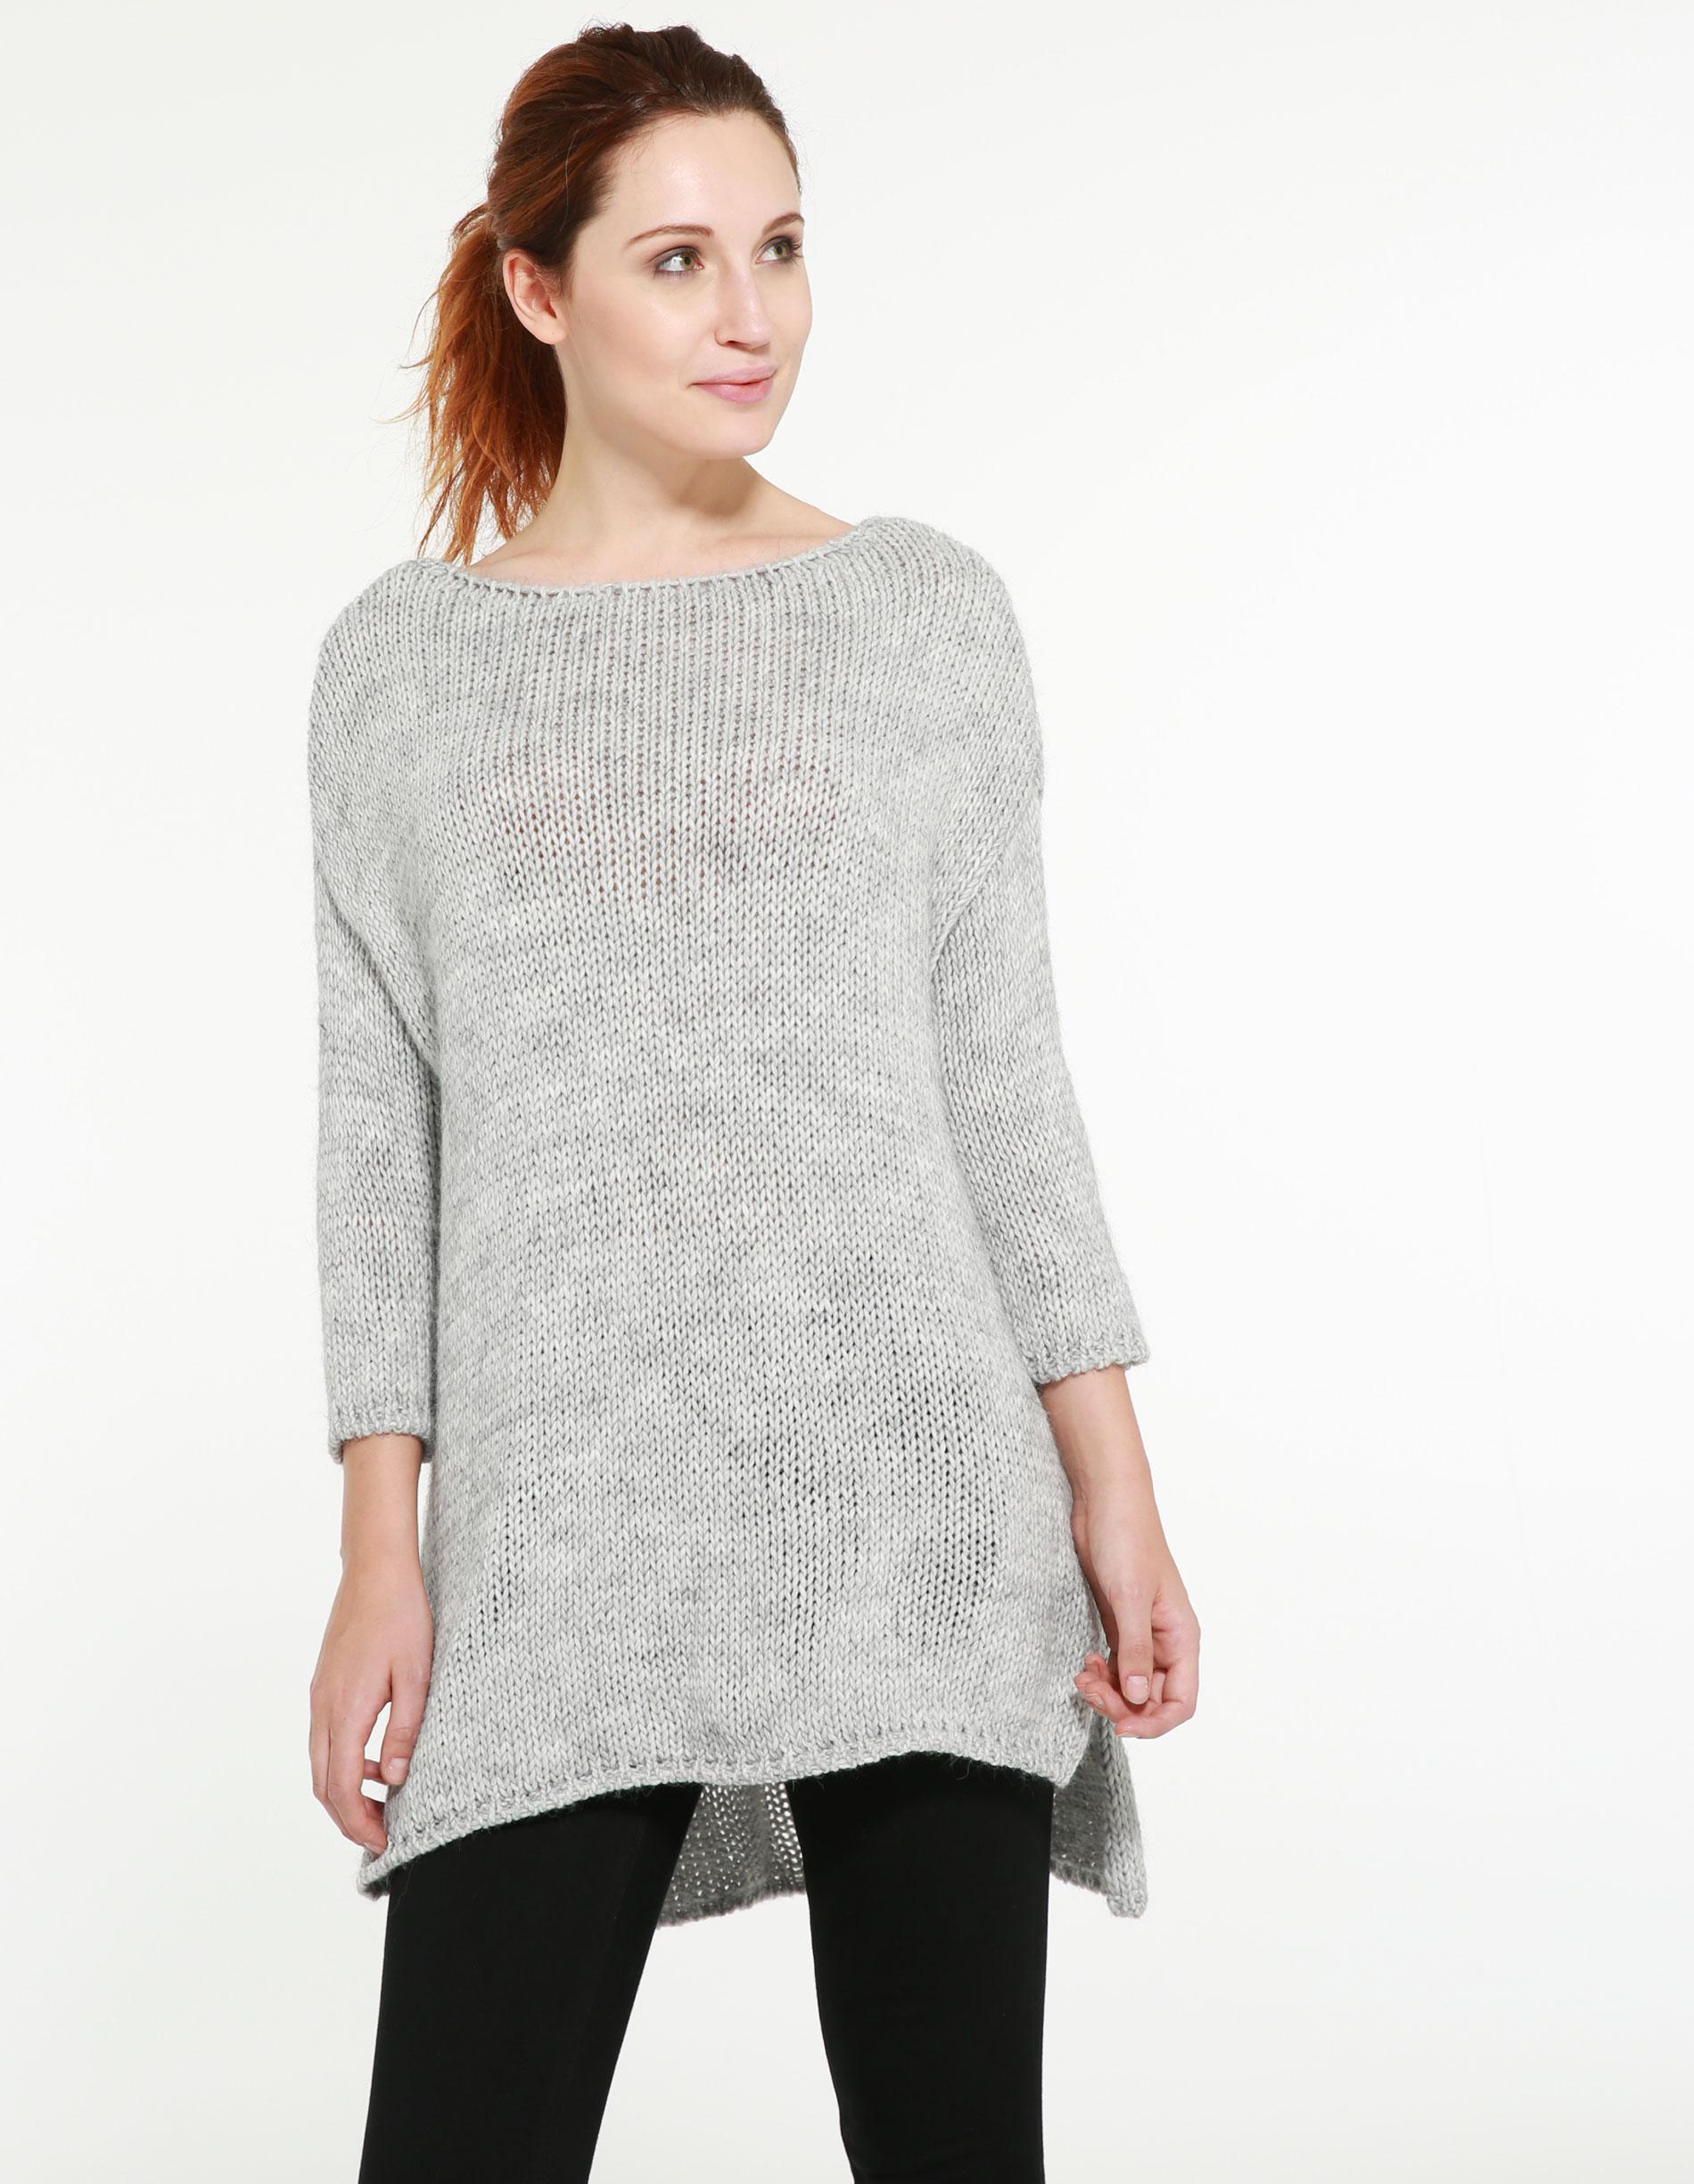 Sweter - 29-7718 GR CH - Unisono